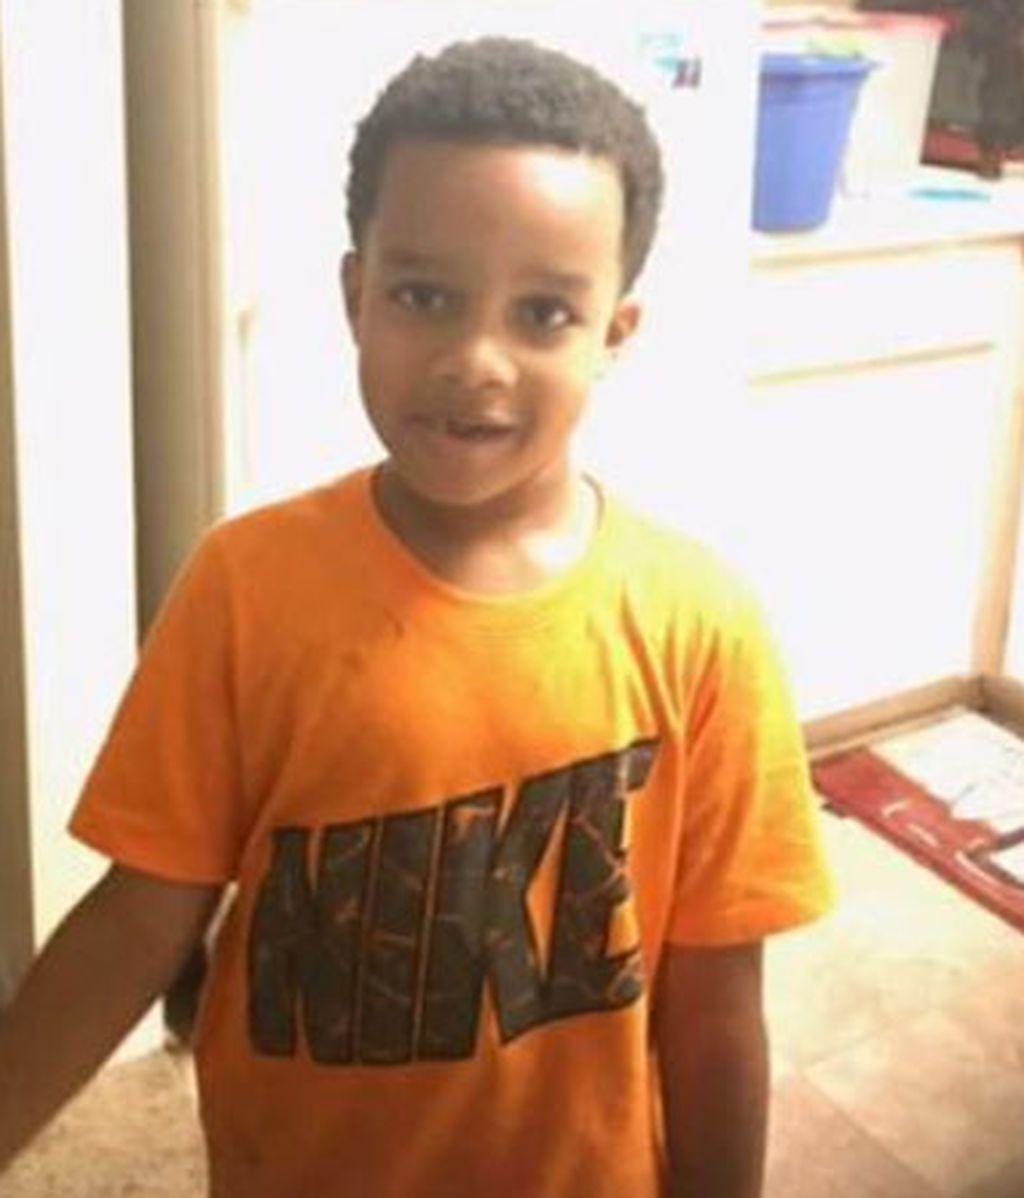 Roban un coche y asesinan al niño de 6 años que iba en el asiento trasero